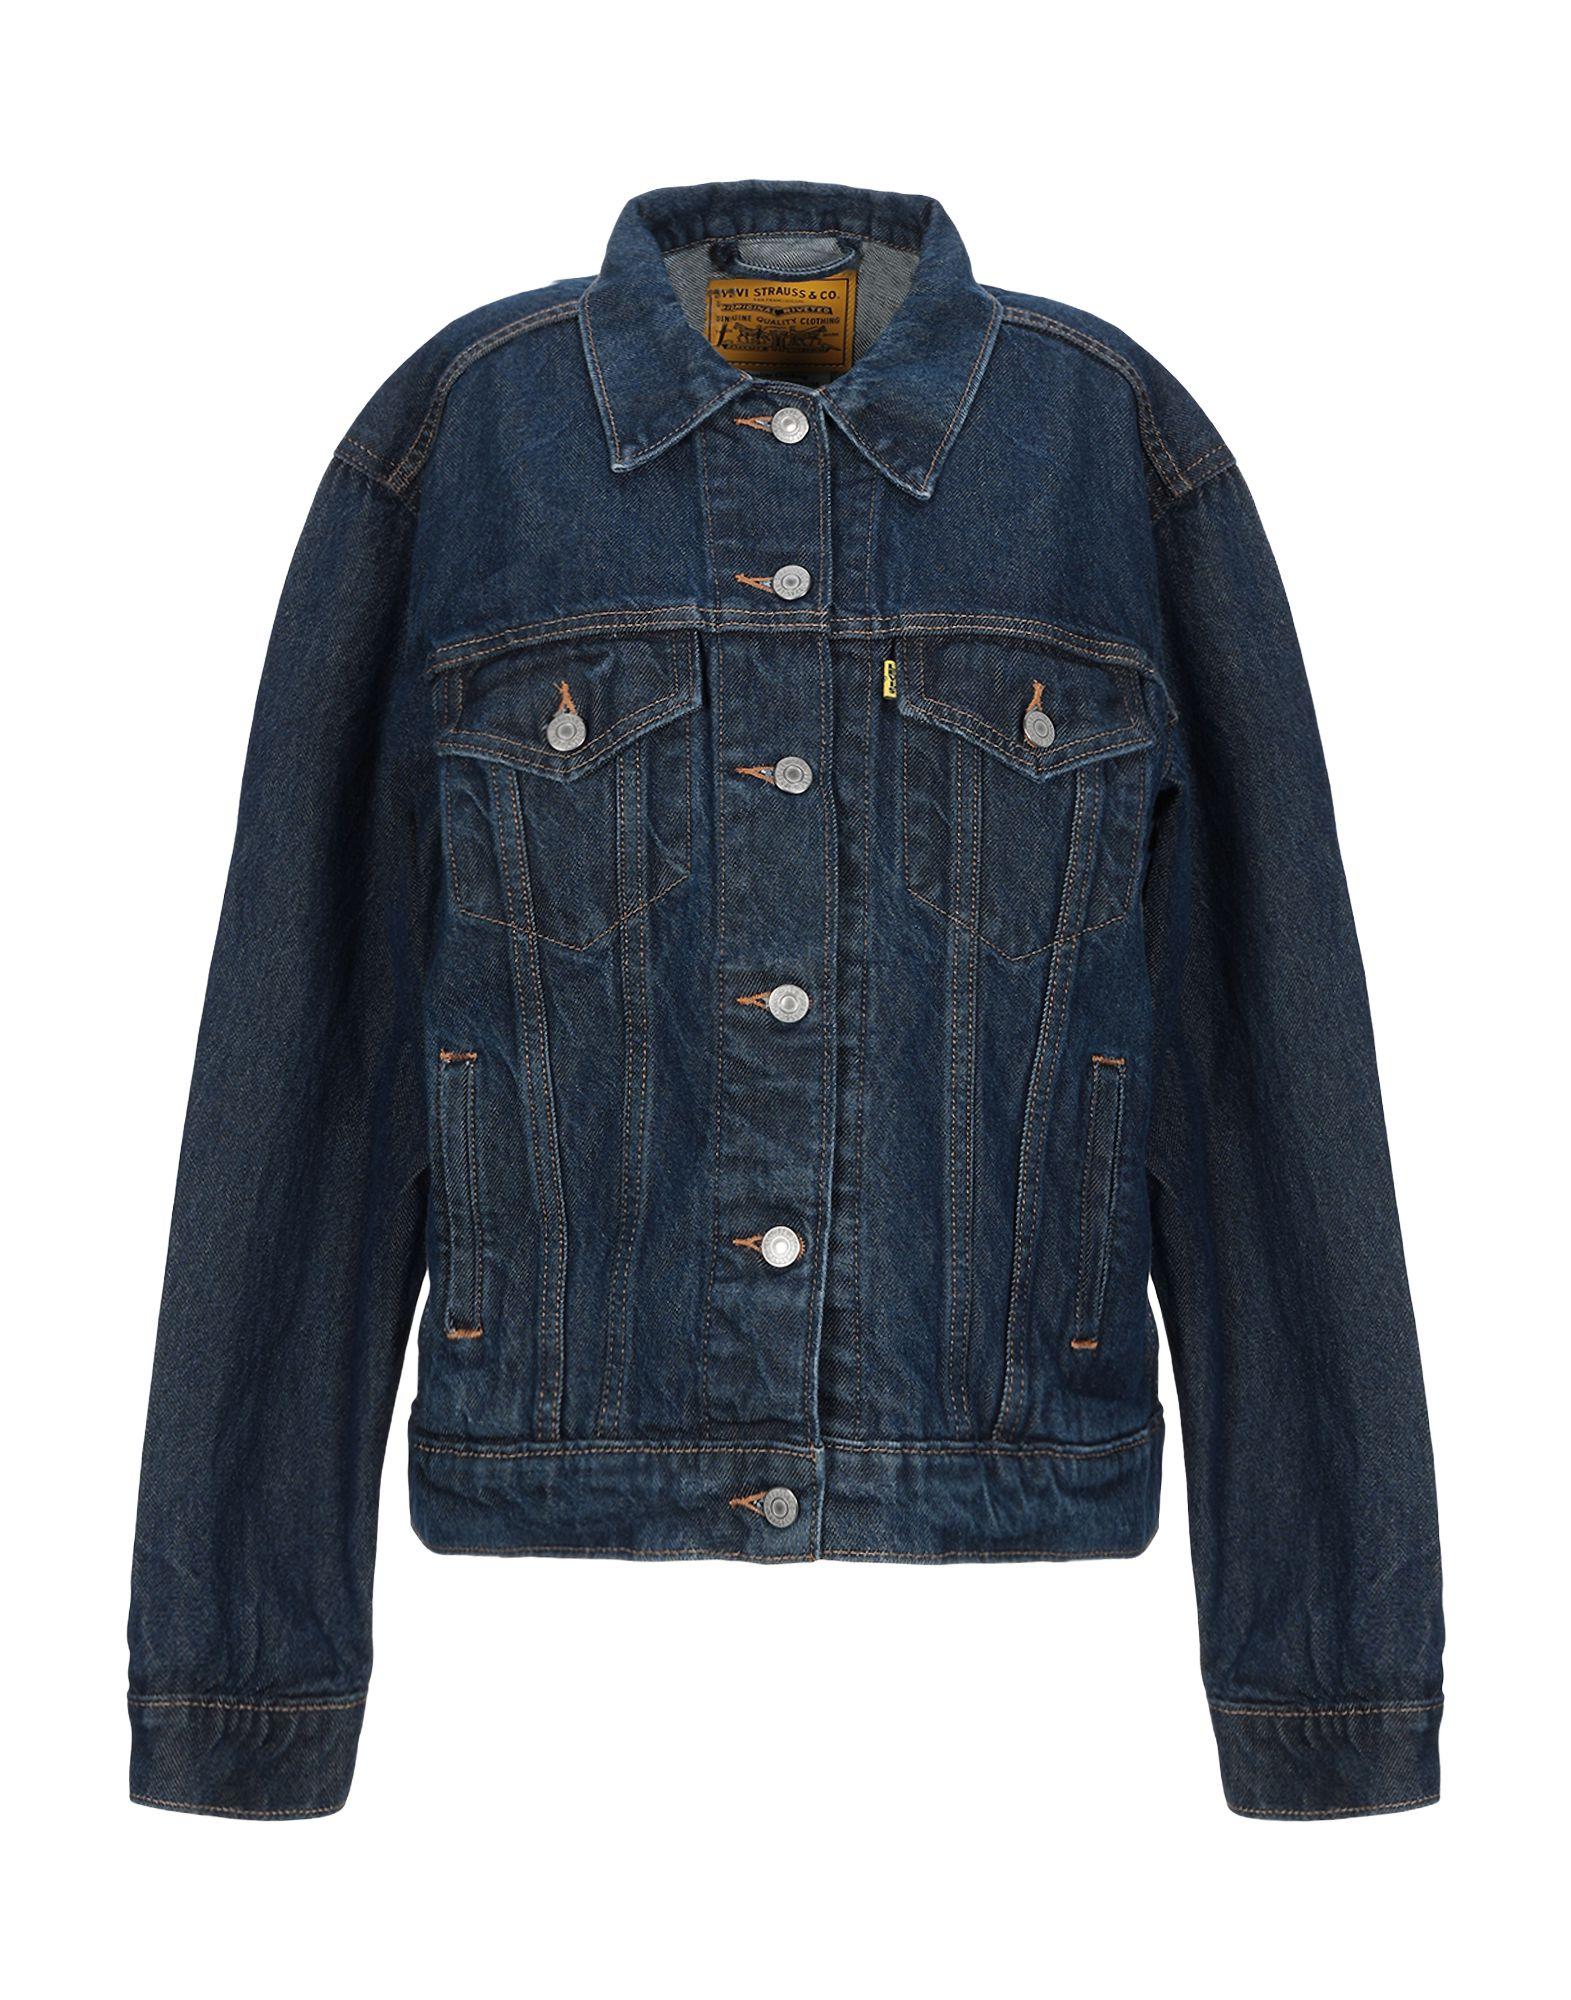 LEVI' S Джинсовая верхняя одежда джинсы женские levi s® 501 skinny цвет темно синий 2950200330 размер 27 30 44 30